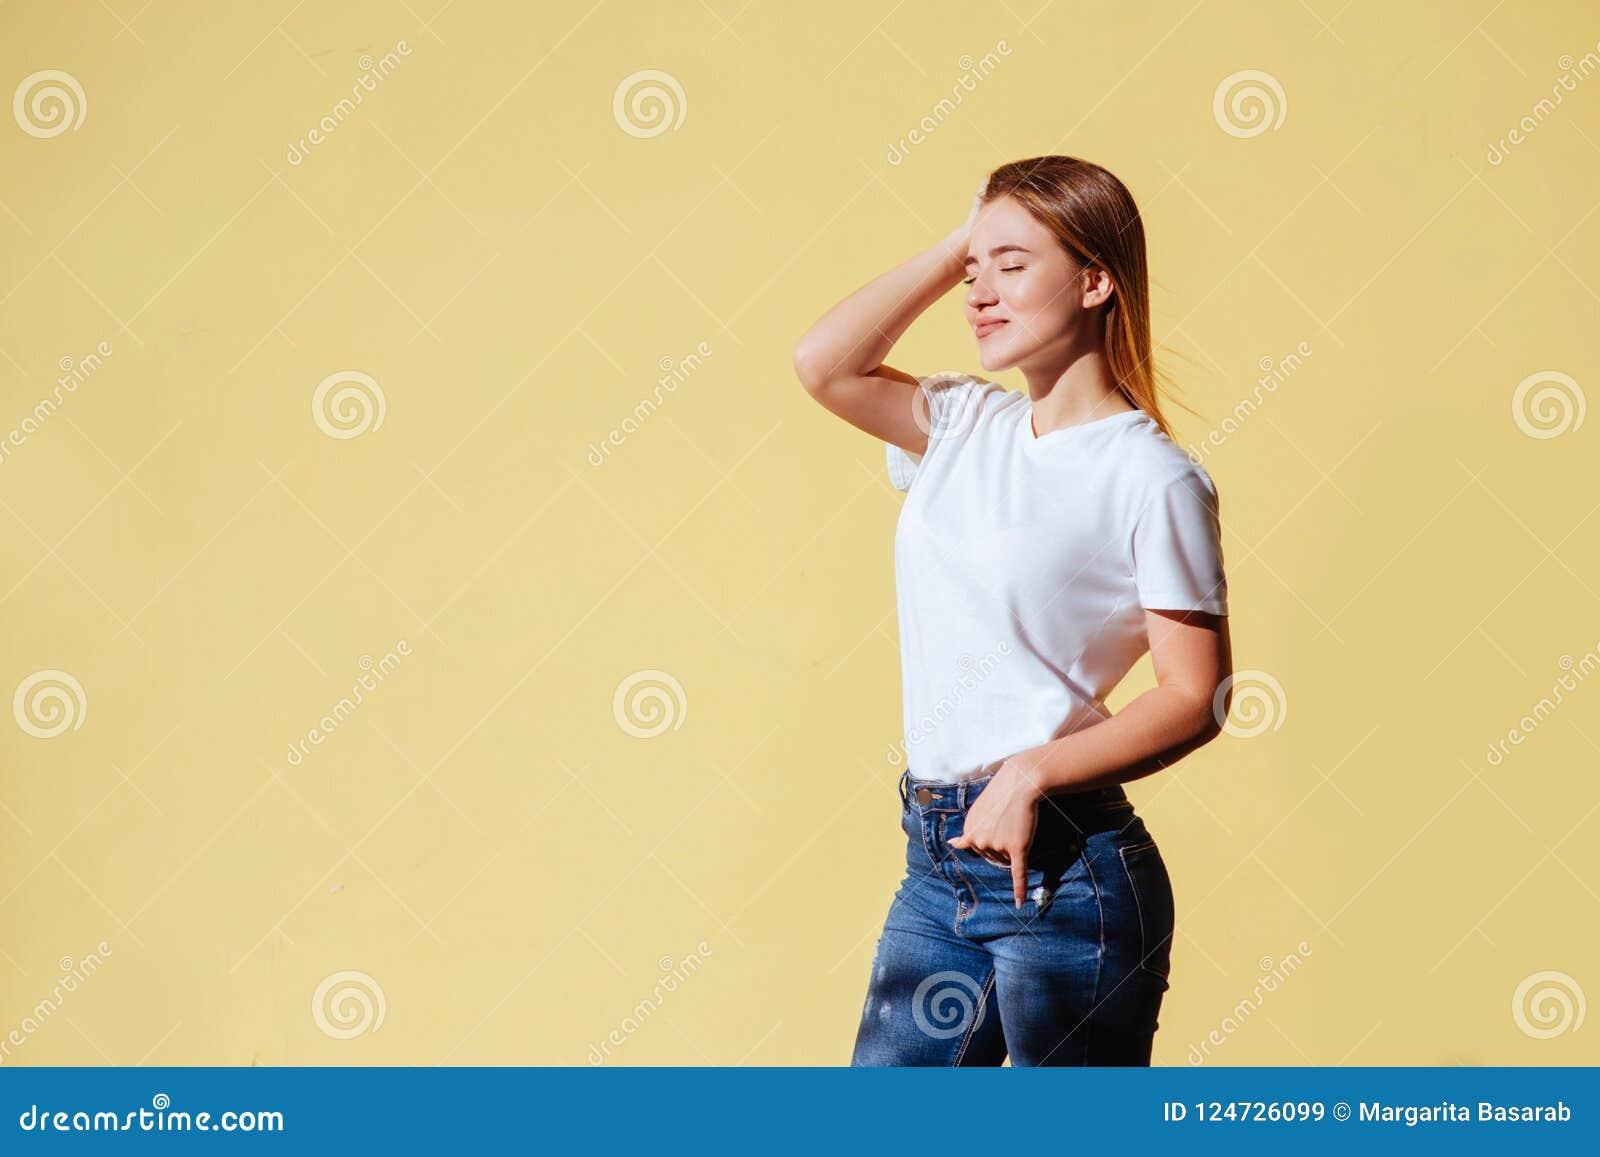 Ritratto di bella ragazza sorridente contro di fondo giallo